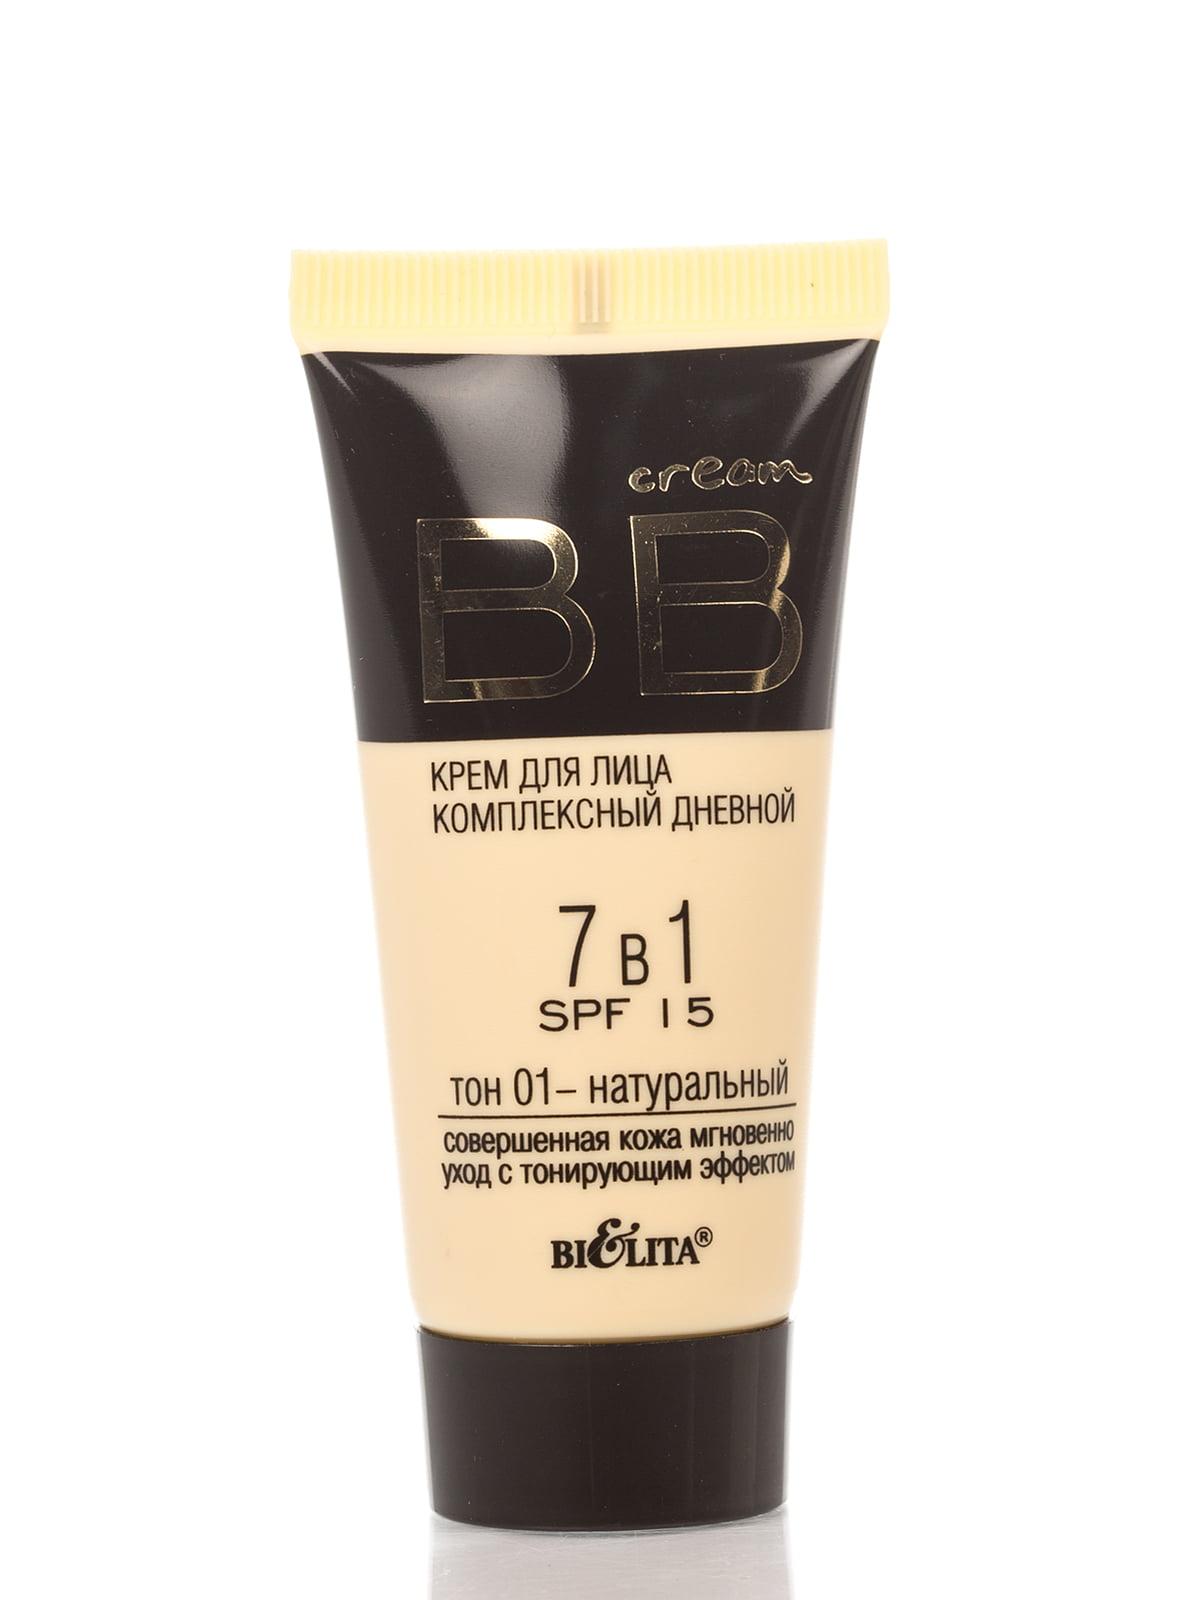 Комплексний денний BB крем для обличчя 7в1 SPF 15 - тон 01, натуральний (30 мл) | 4138770